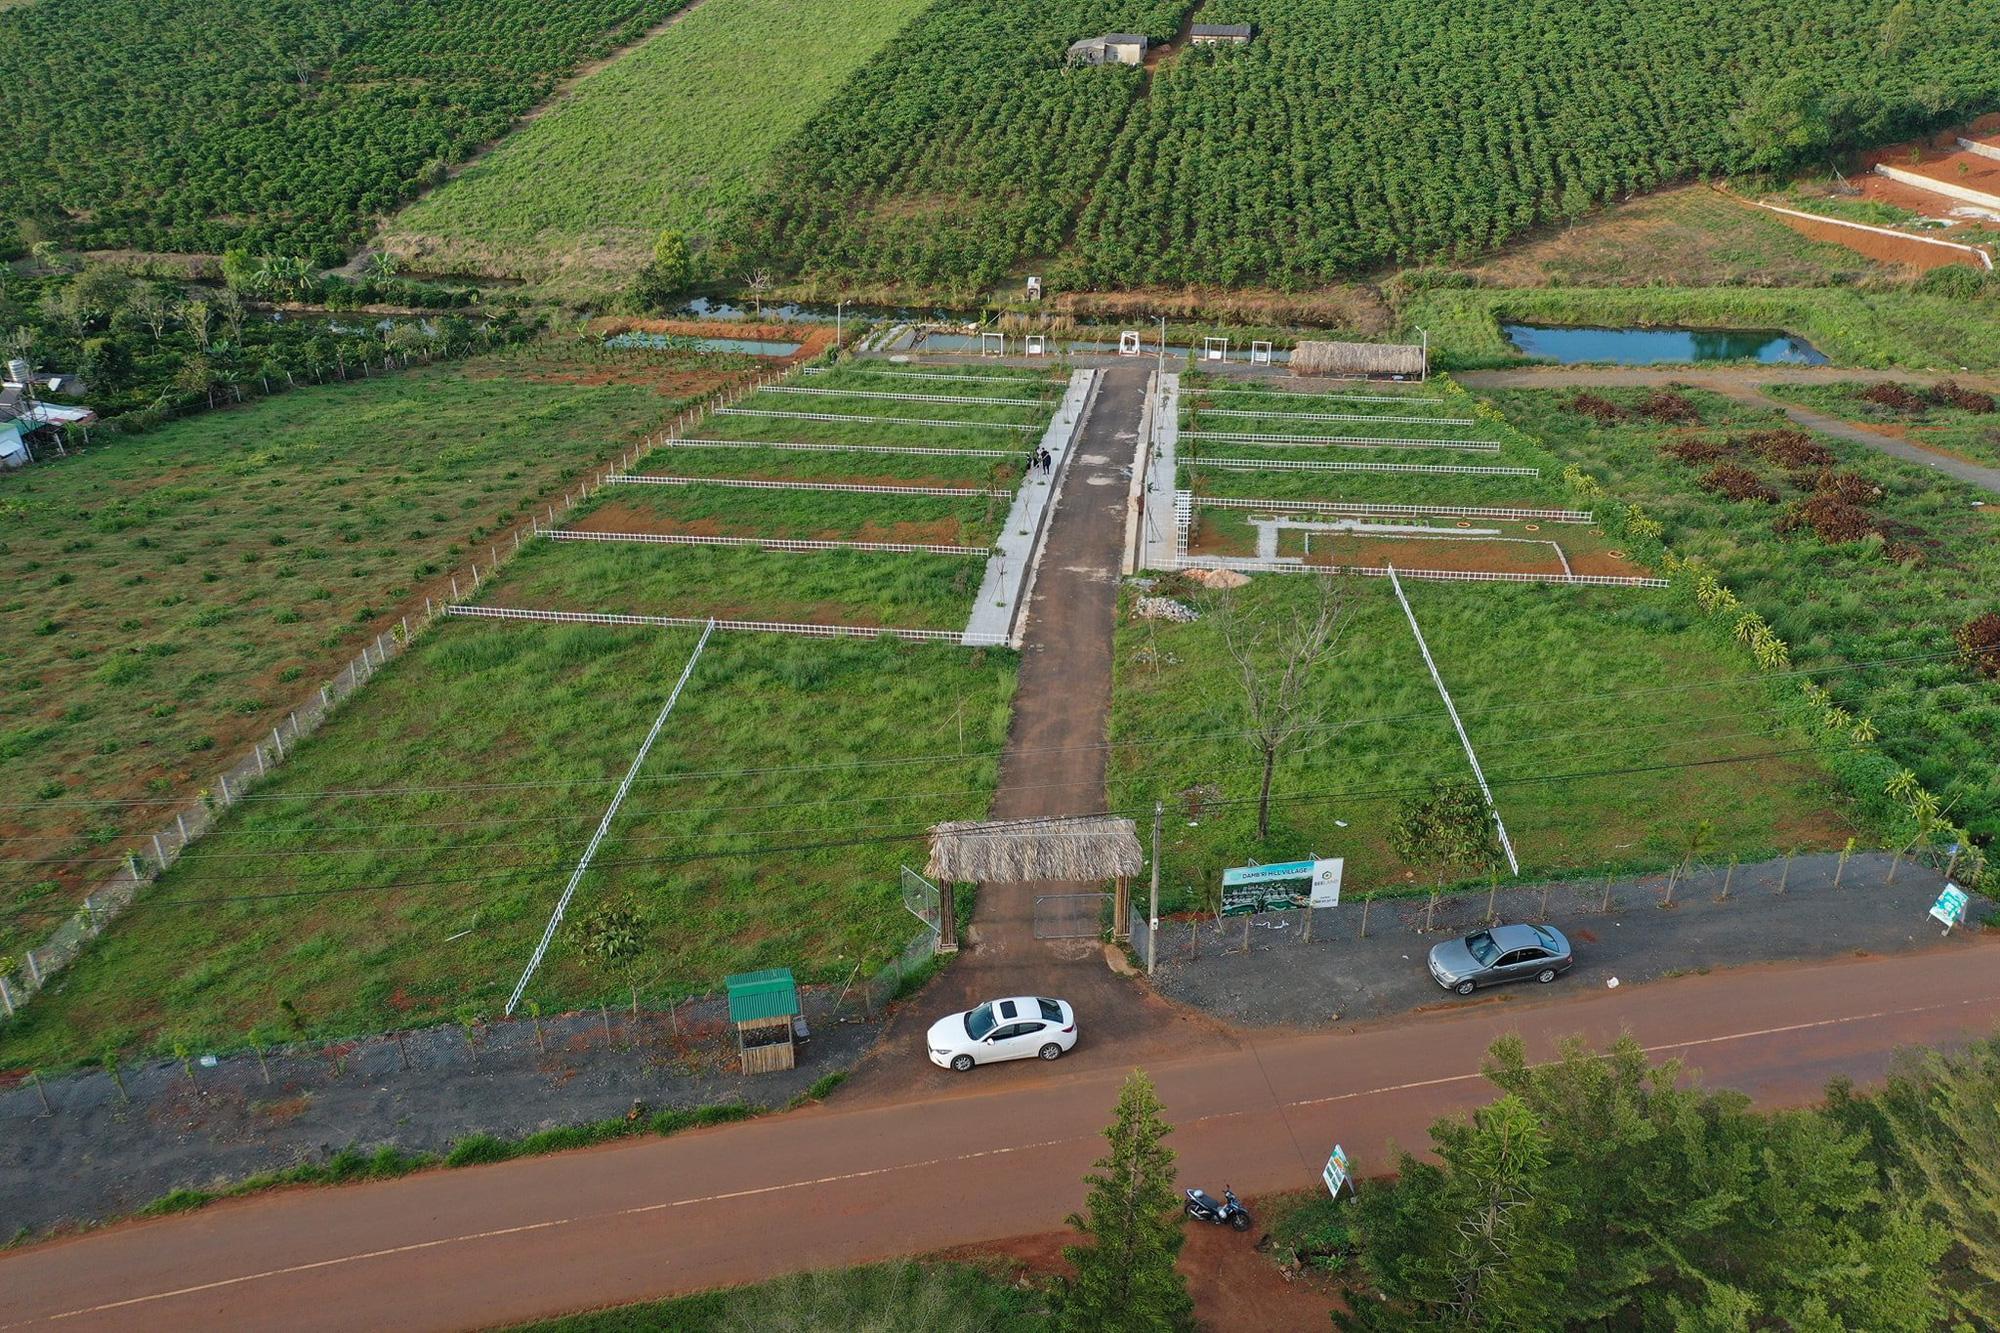 Lâm Đồng: Tạm đình chỉ công tác nhiều cán bộ do buông lỏng quản lý đất đai, xây dựng - Ảnh 3.